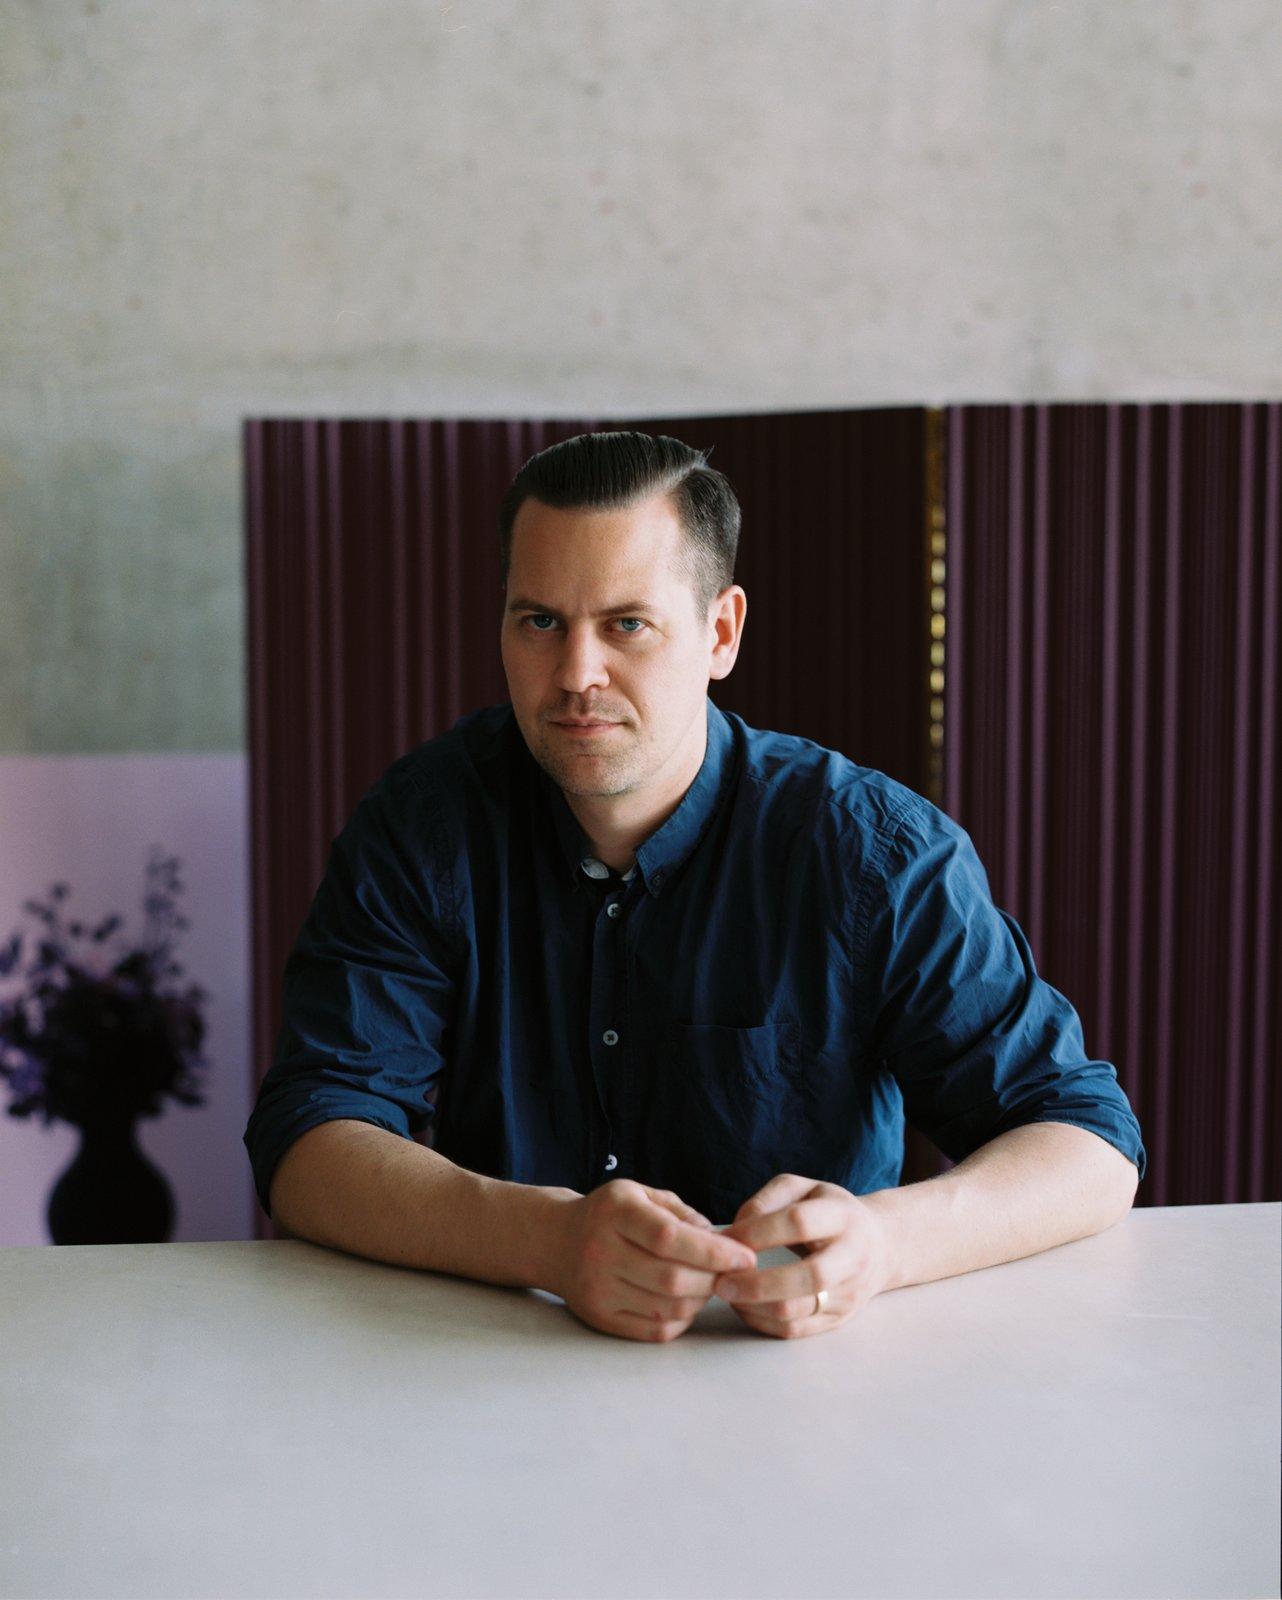 Andreas Bozarth Fornell, fondateur du bureau d'architecture Bozarthfornell.